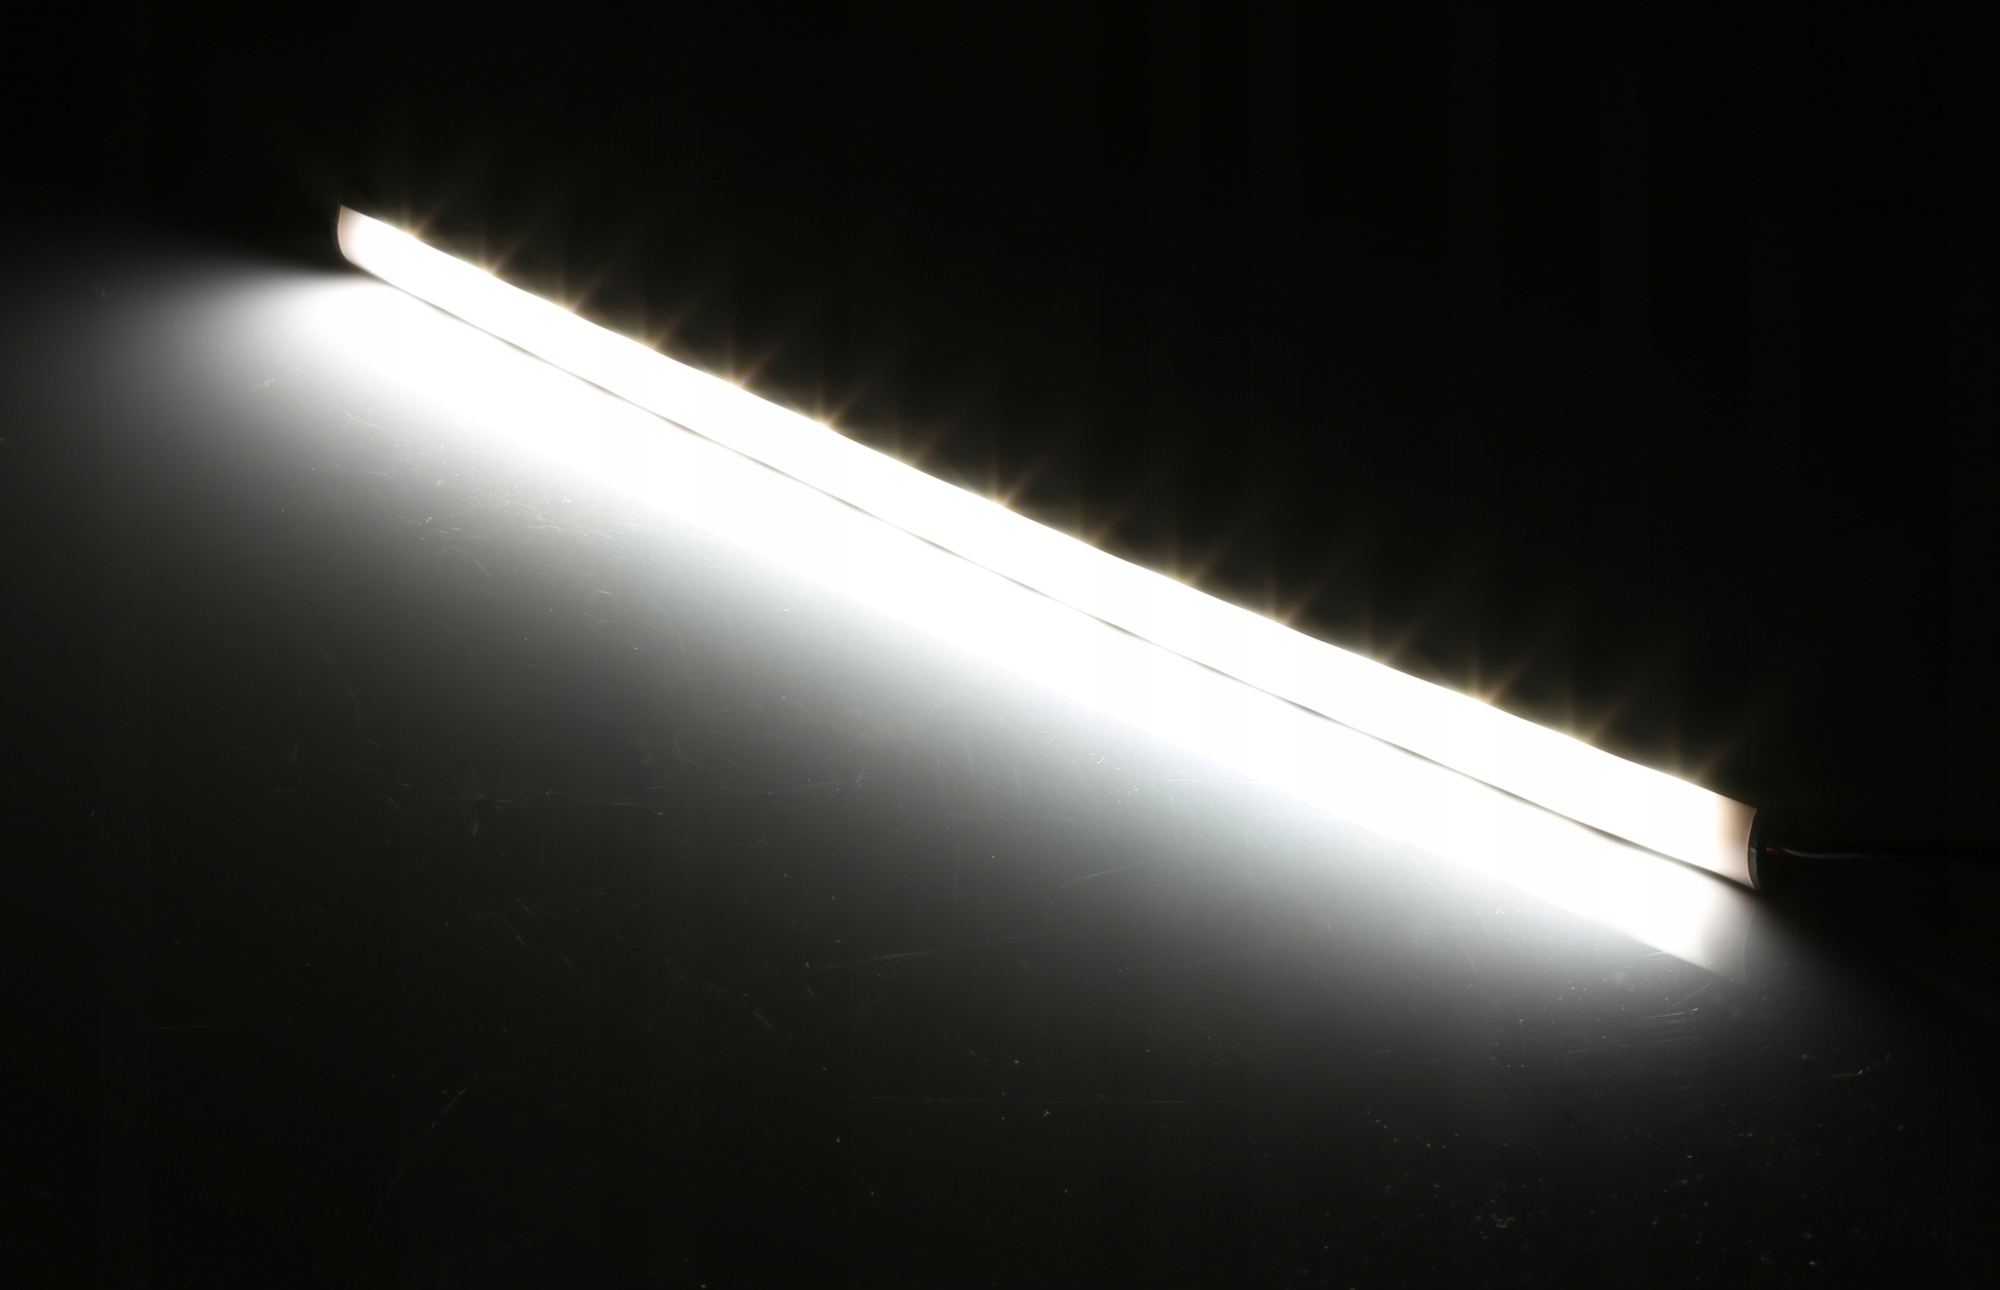 Oświetlenie LED KABINY PAKI BUS LISTWY 2x 1M 12V